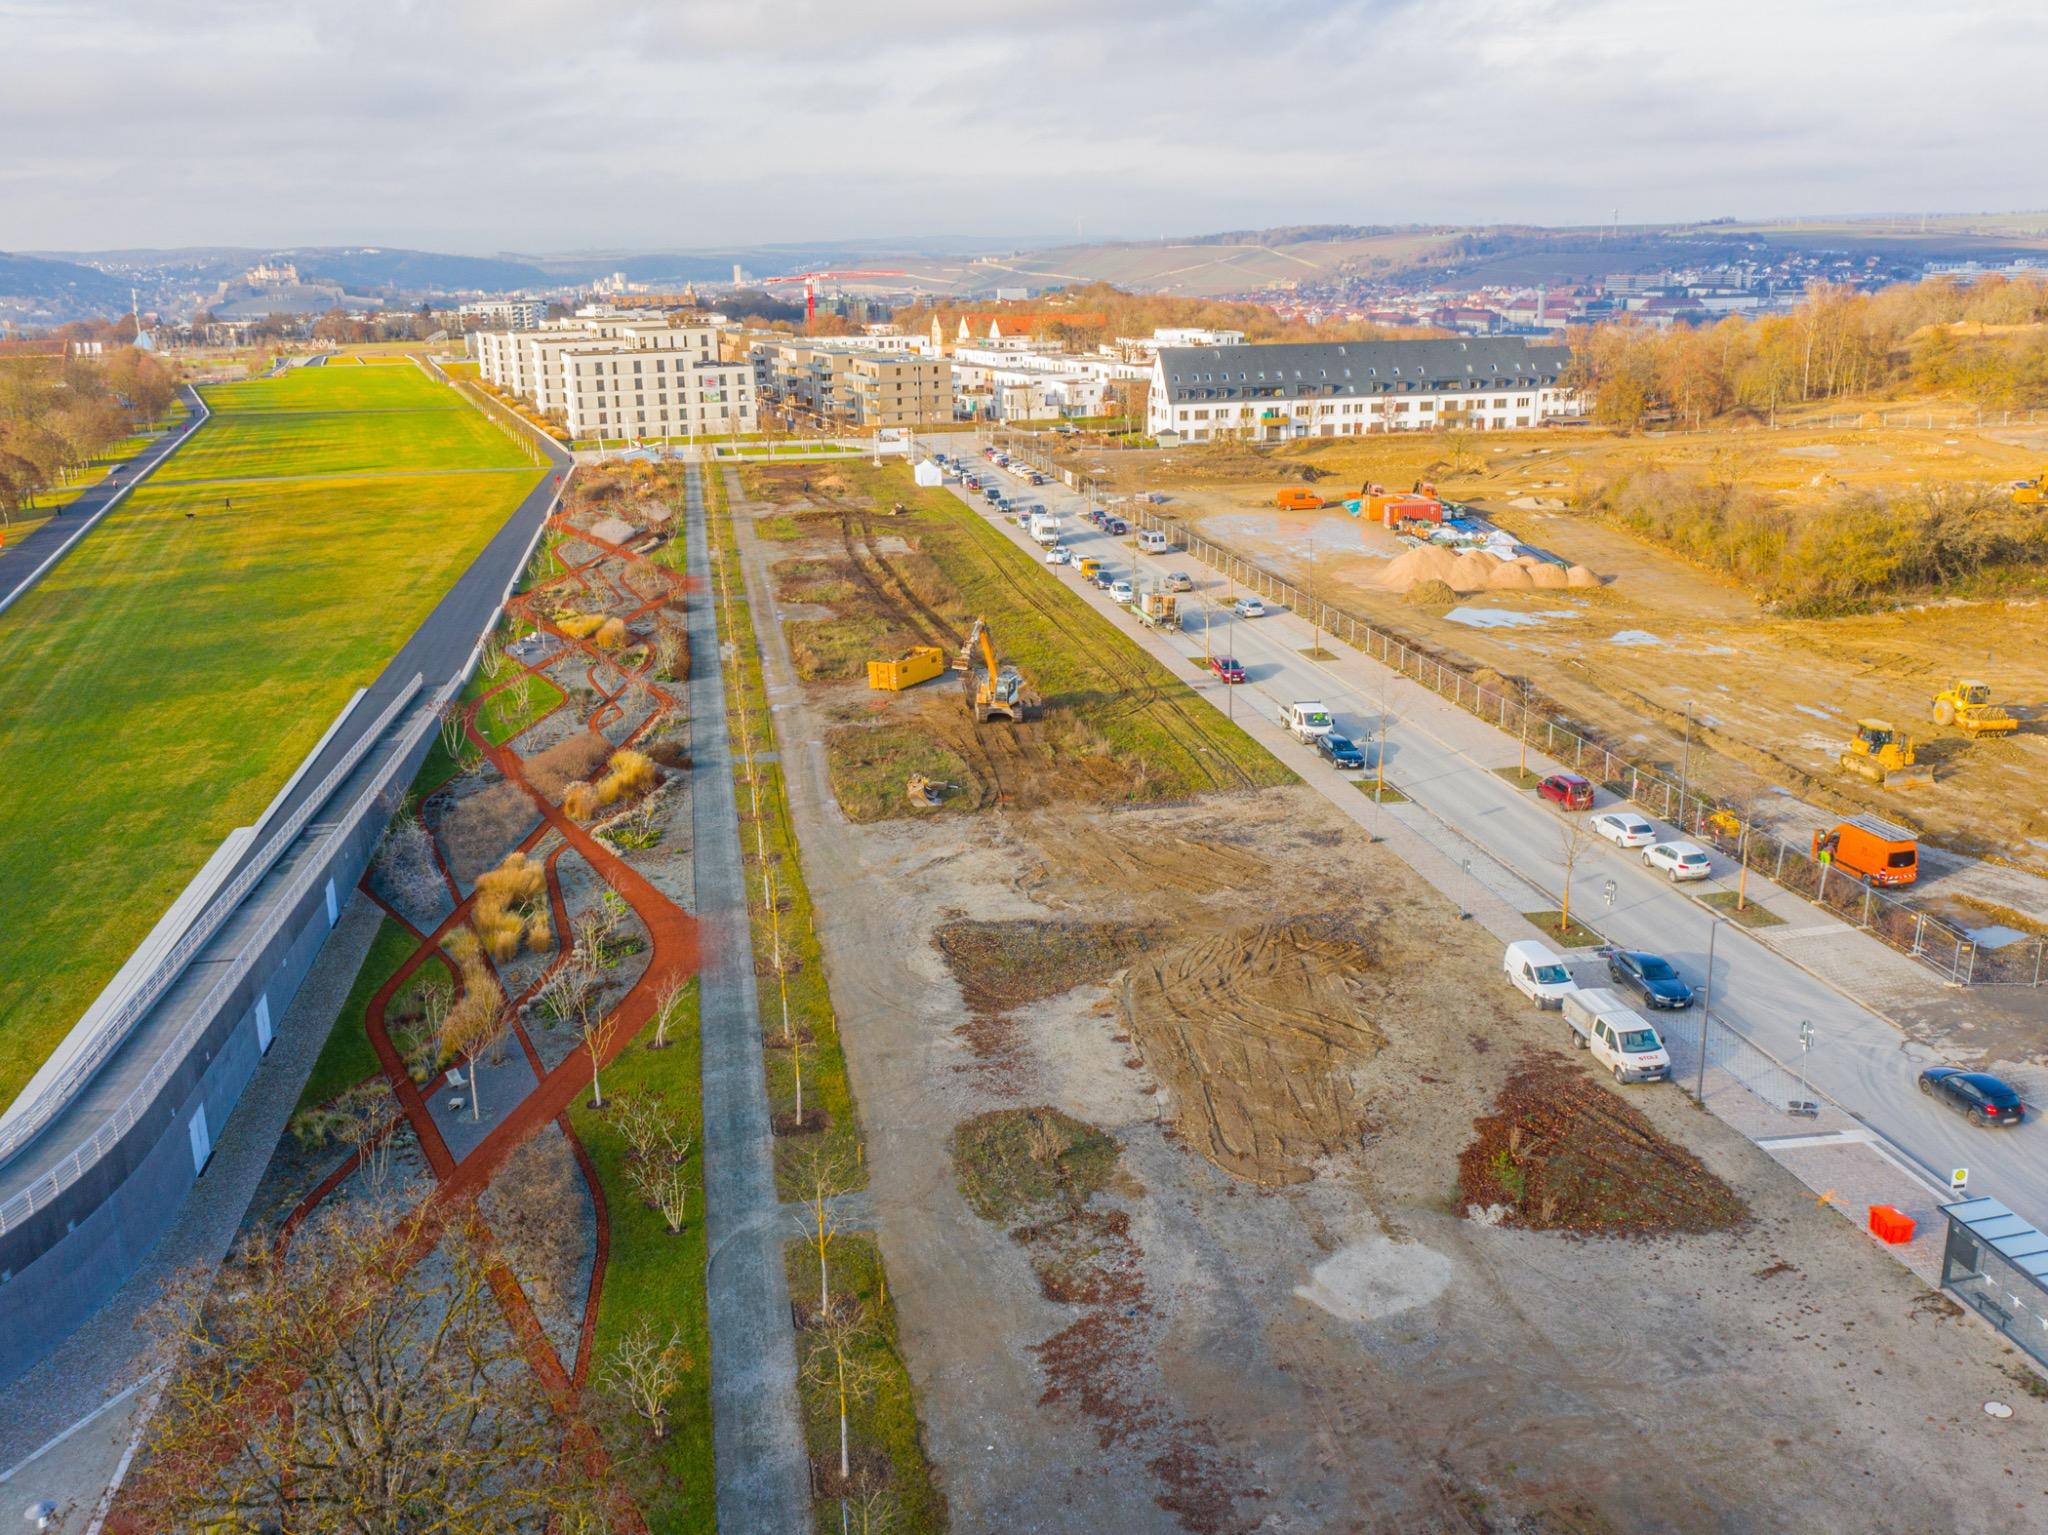 Das Gelände des Projektes Hubland II. Foto: xtrakt media / Thomas Düchtel